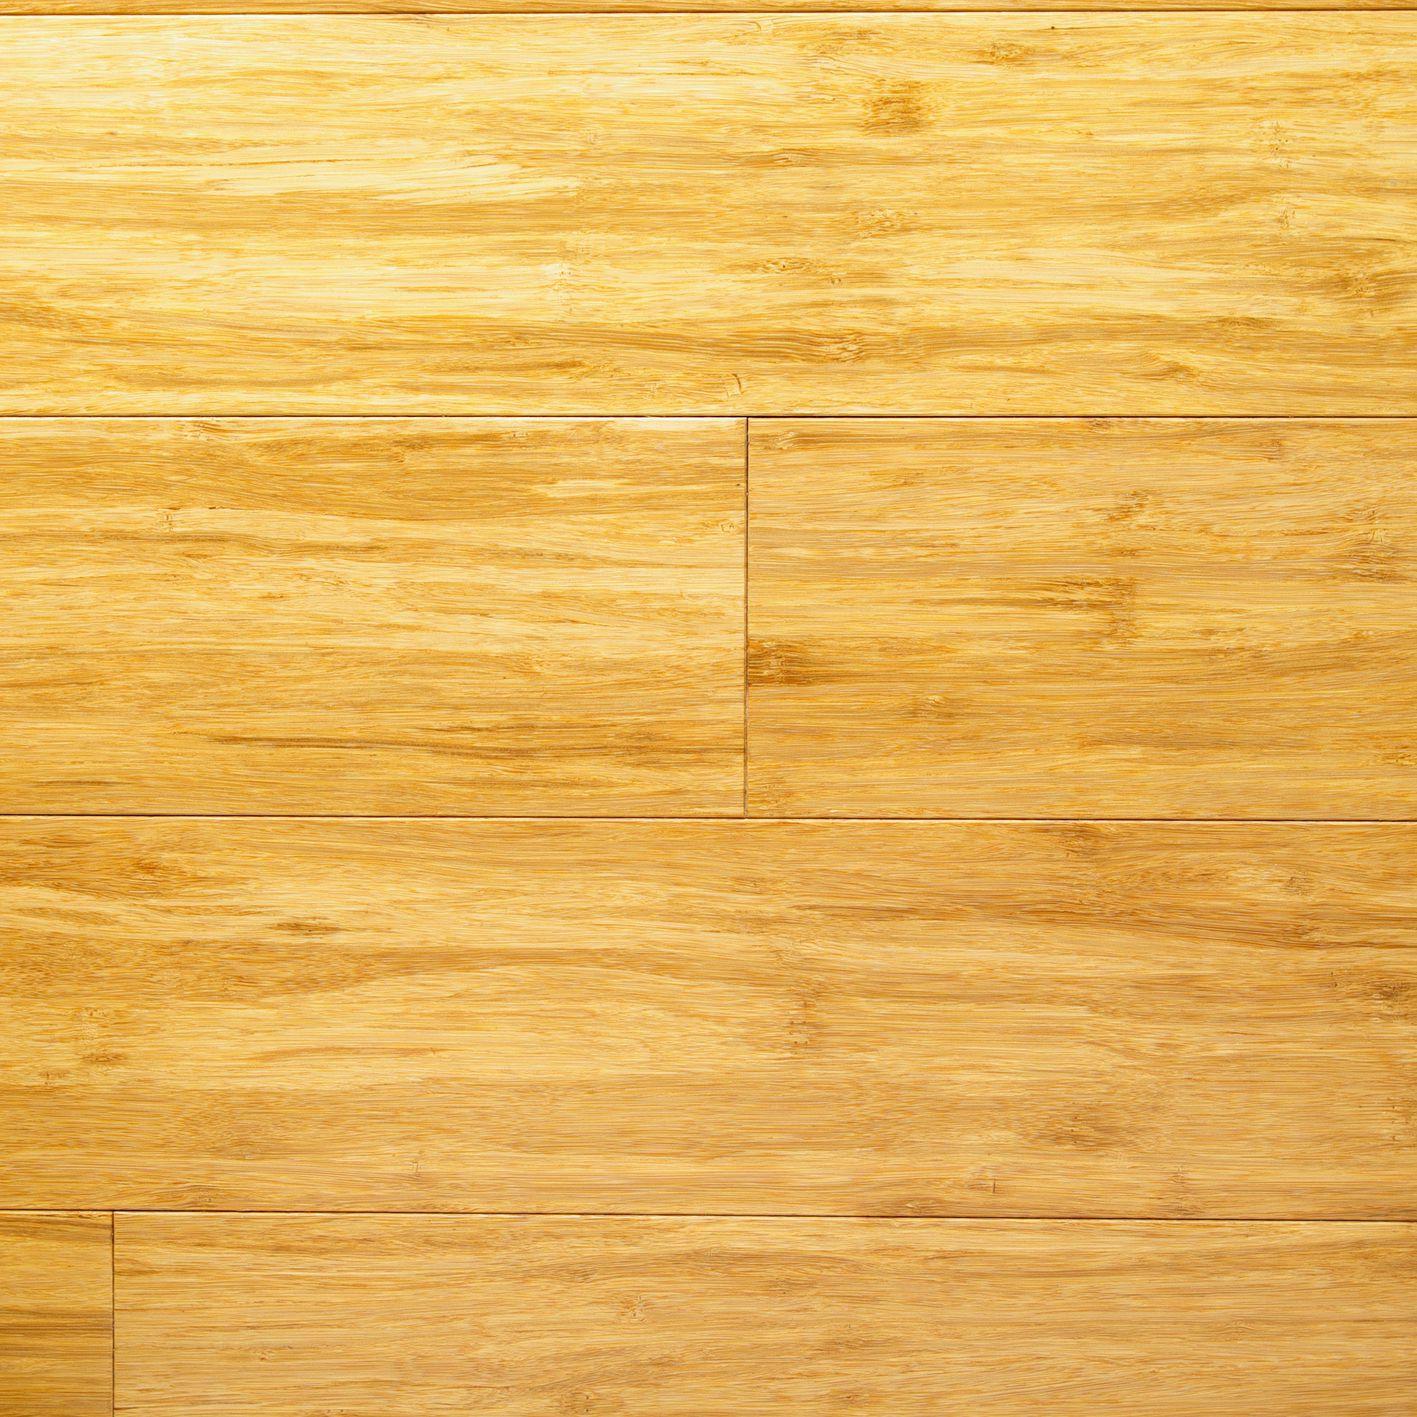 Bamboo Flooring In A Bathroom